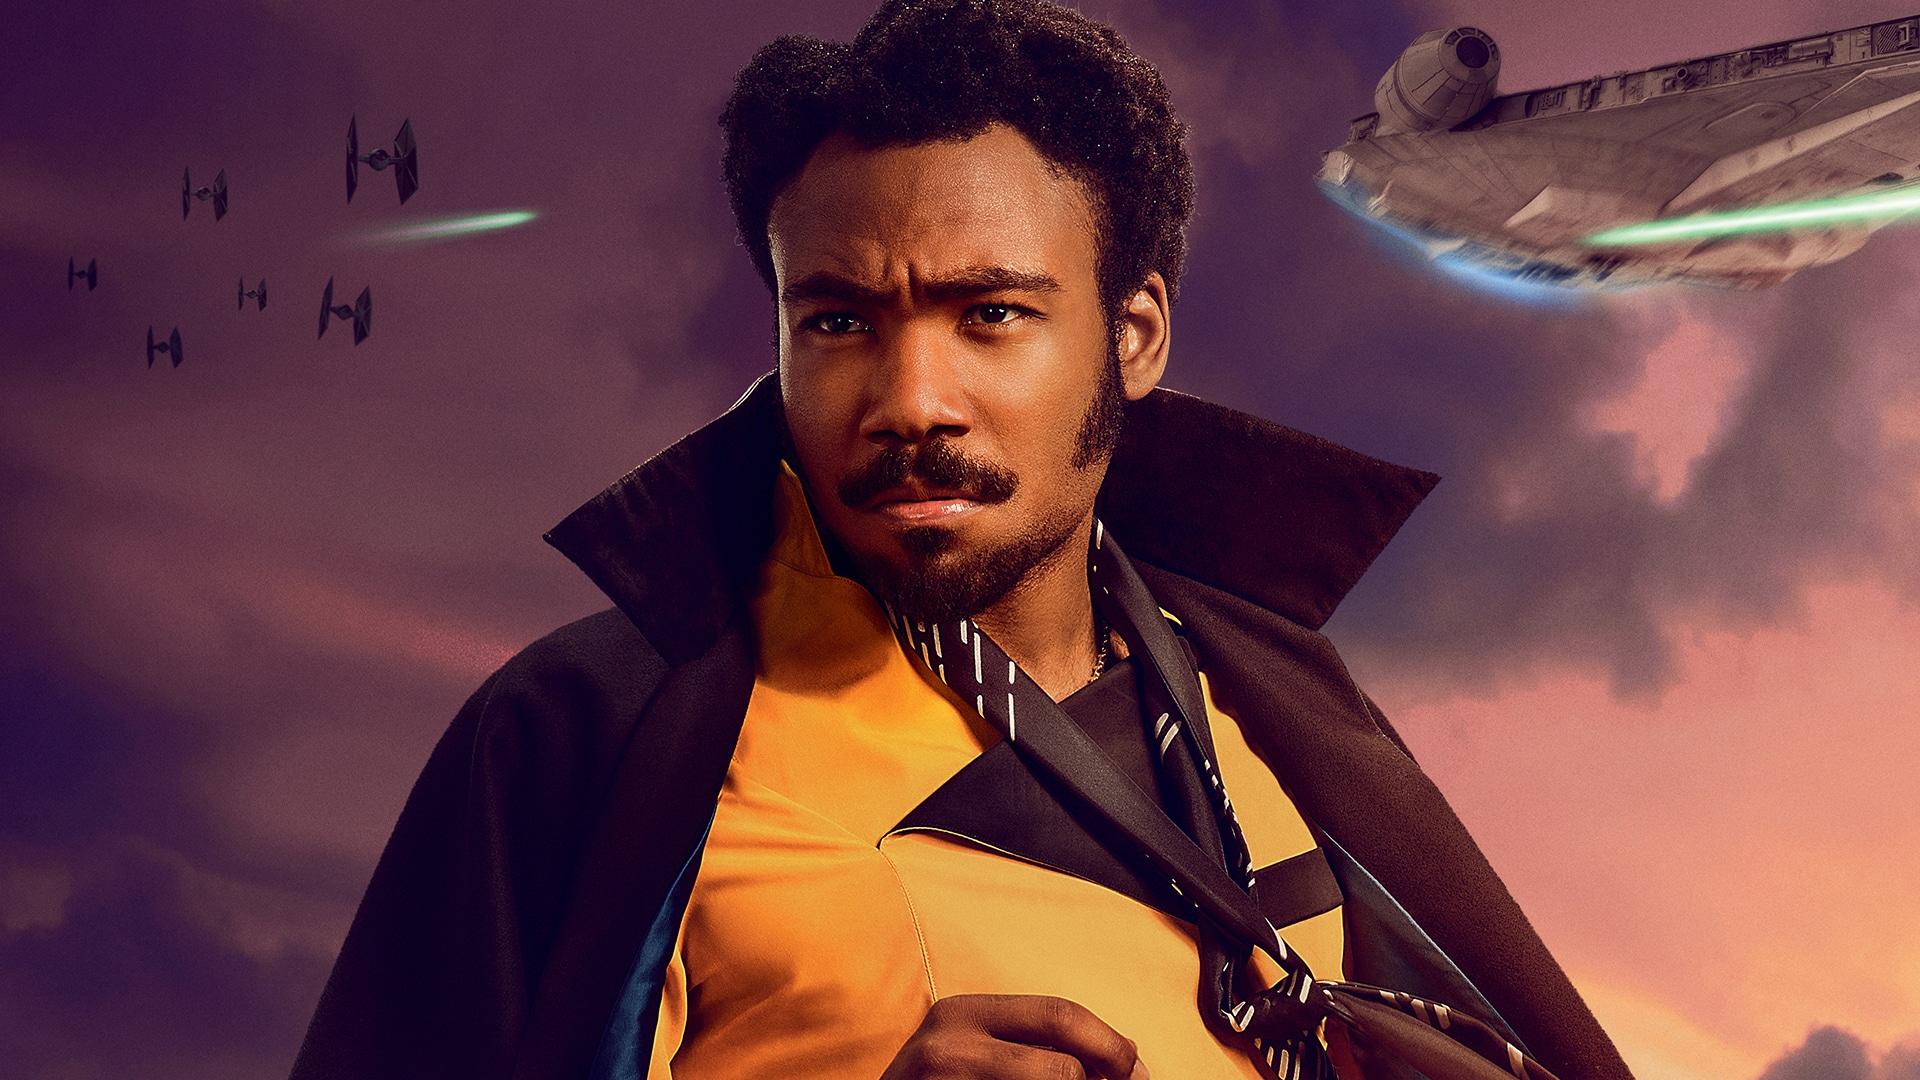 Dostane Lando svoj vlastný Star Wars film?